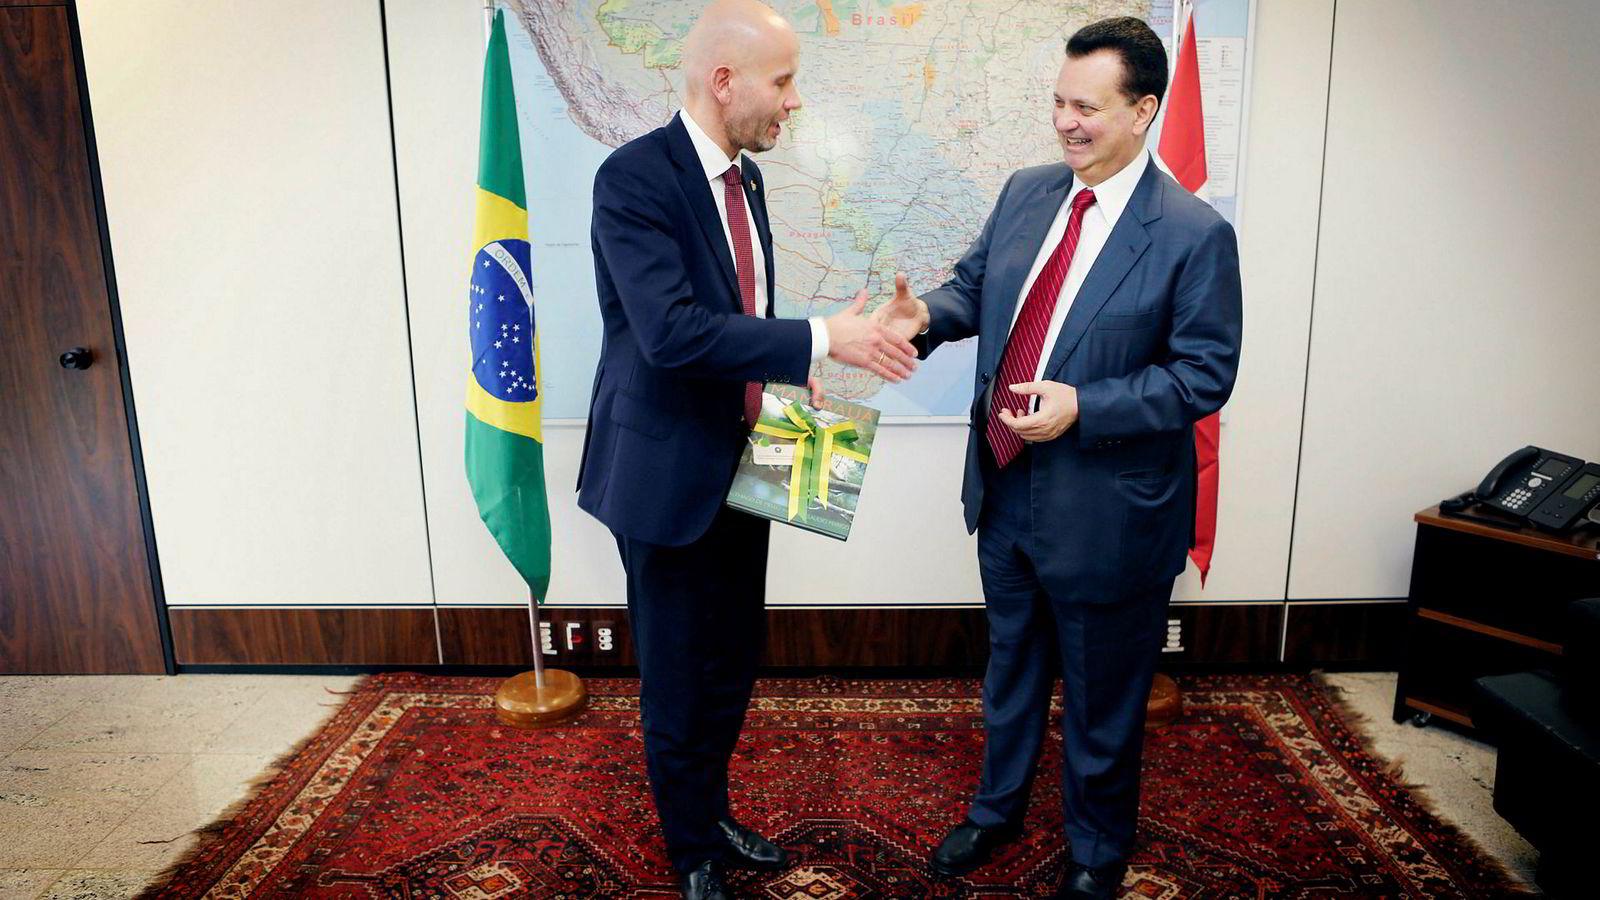 Olje- og energiminister Tord Lien er entusiastisk for norske Brasil-muligheter etter at han i forrige uke møtte sin brasilianske motpart Gilberto Kassab, minister for vitenskap og teknologi, i Brasília.